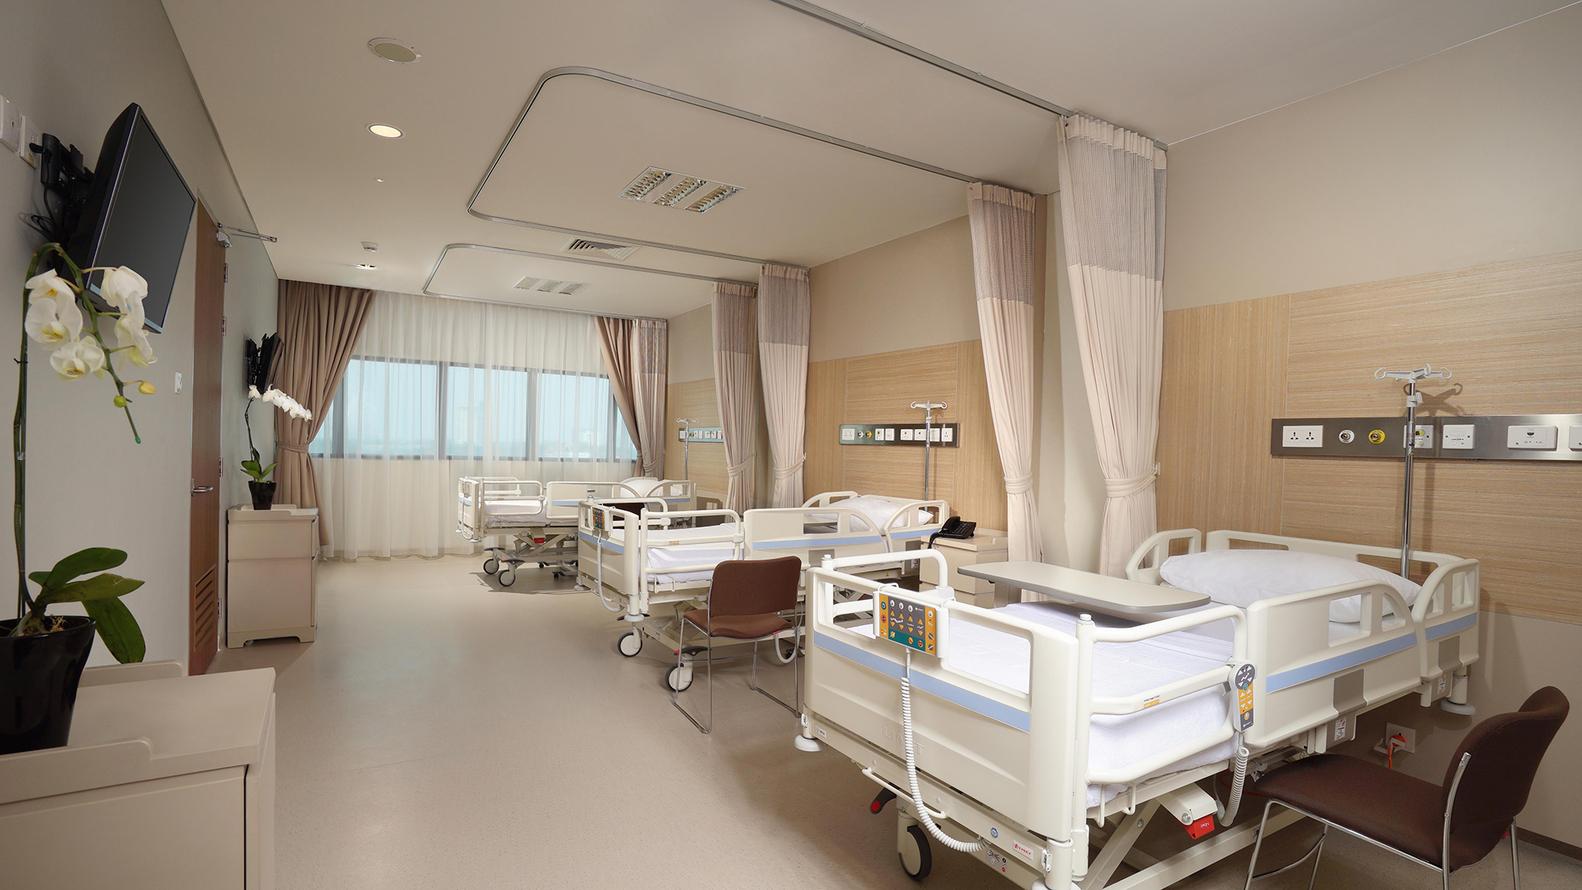 Bệnh viện xanh mướt như công viên